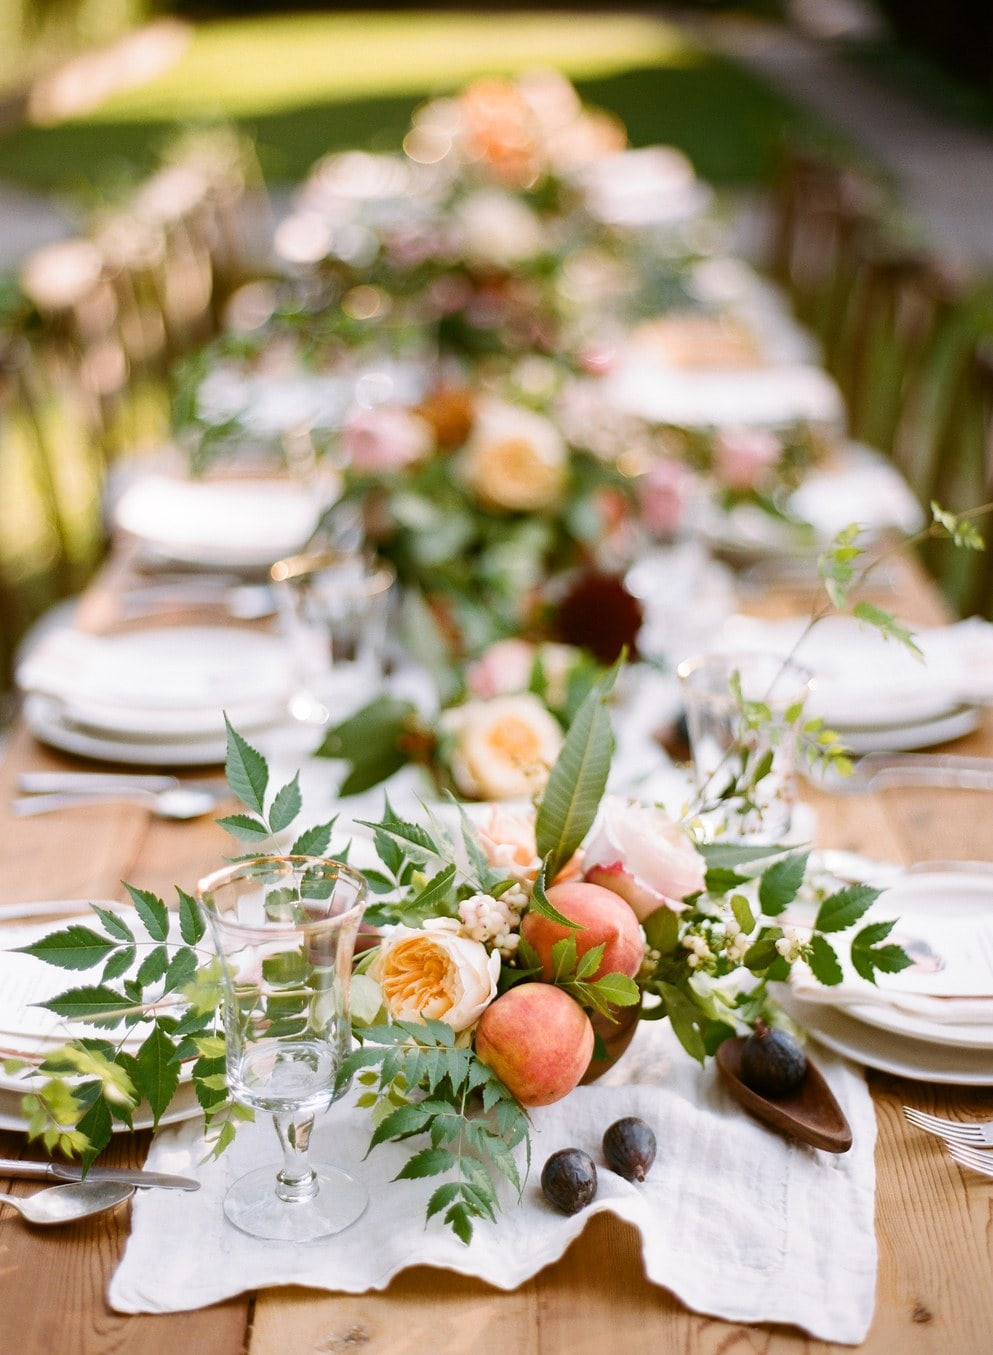 Centros de mesa com frutas para casamento r stico chique - Centro de mesa rustico ...